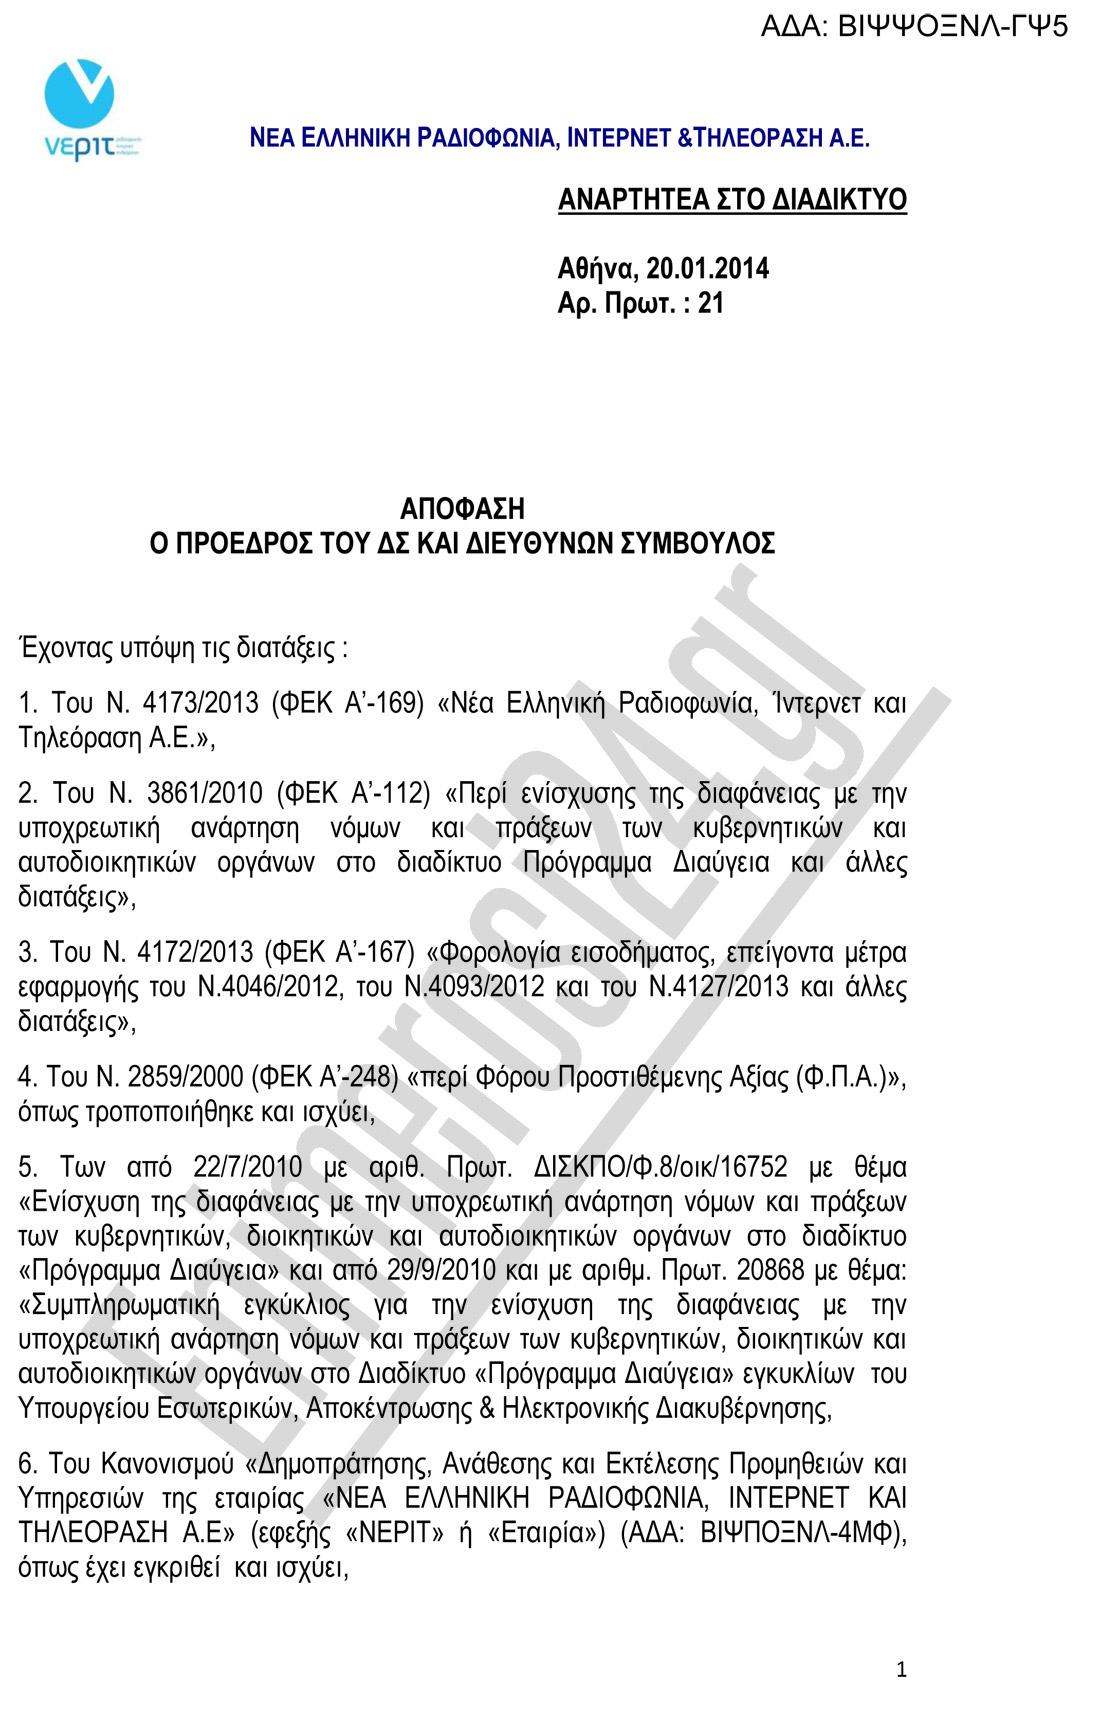 Σκάνδαλο: δίνουν 6.900 στη δημοσιογράφο Θ. Αναγνωστοπούλου για να βρει πρόγραμμα (έγγραφο)